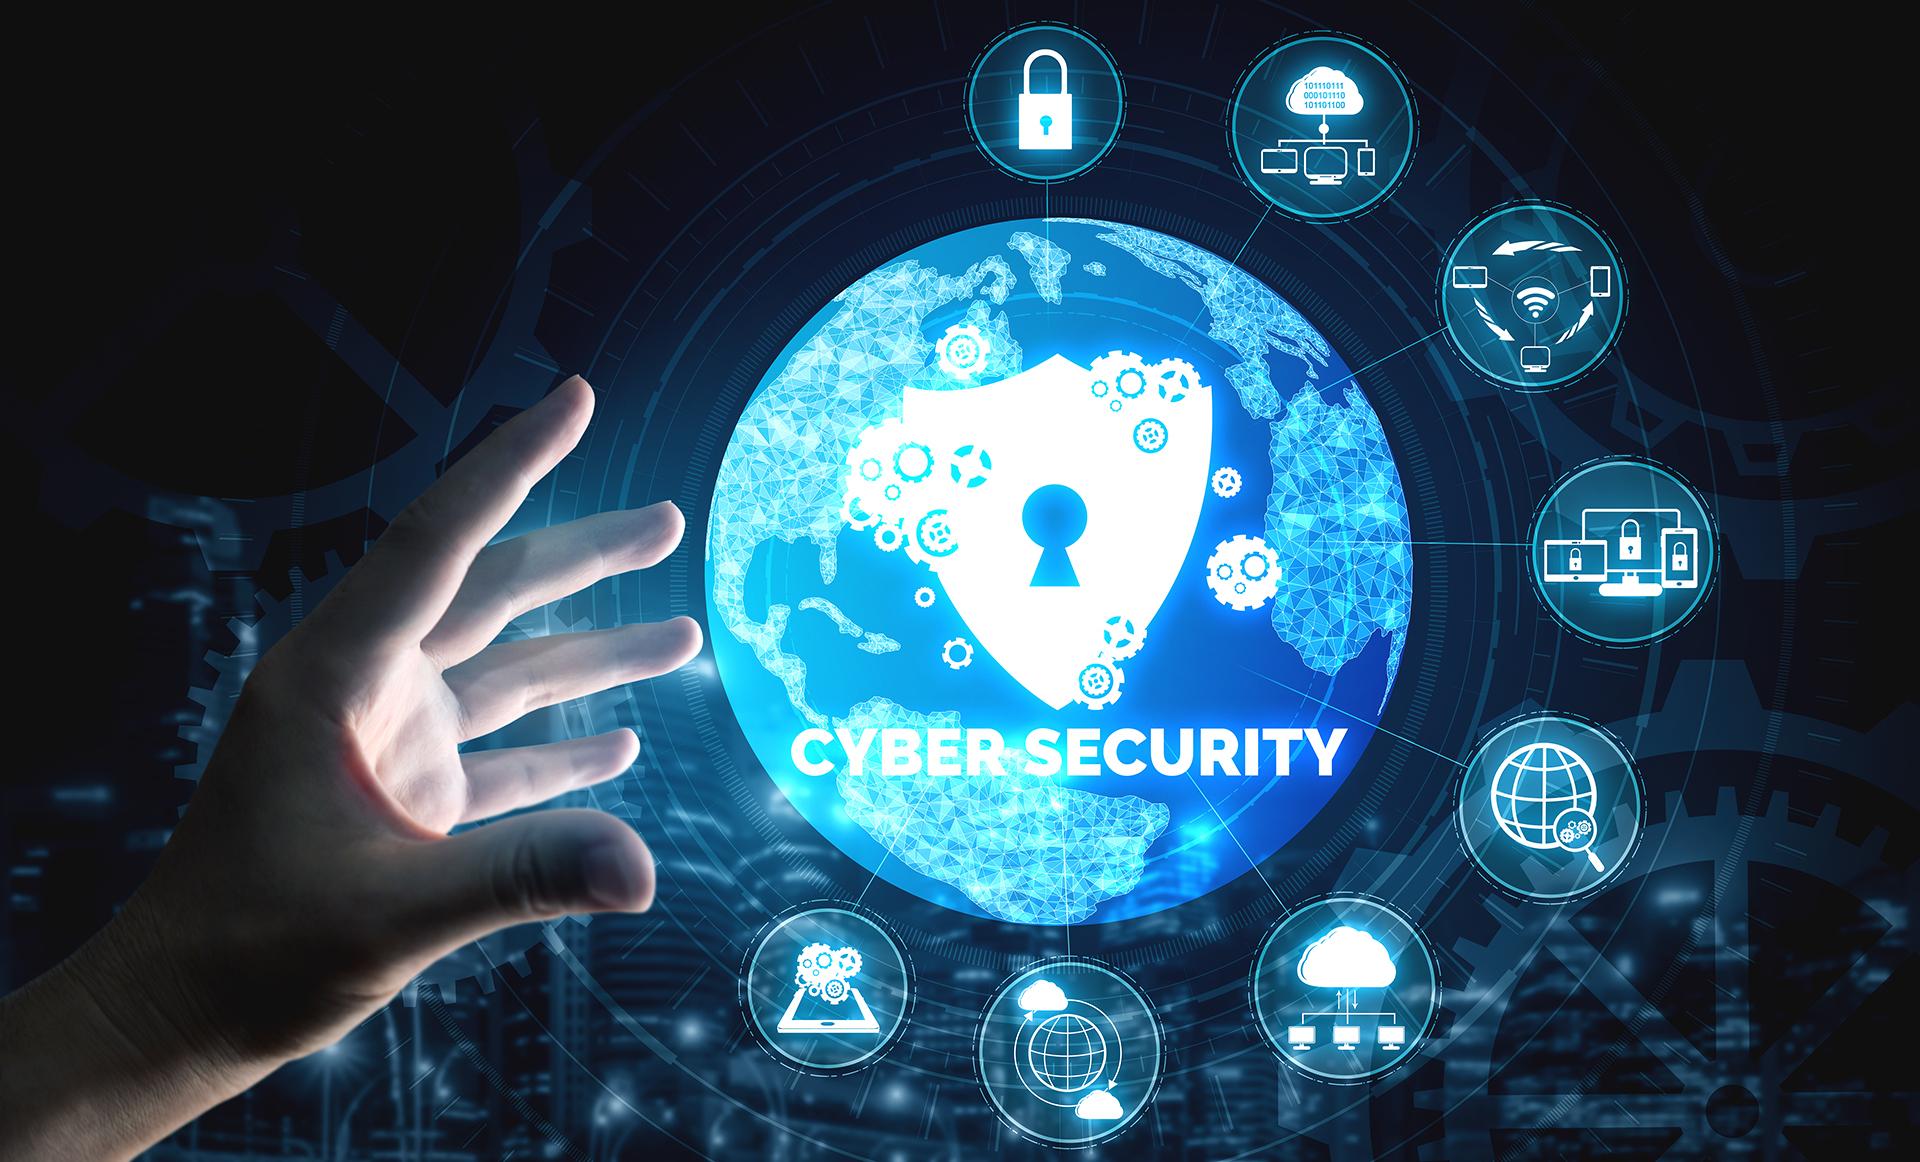 在用户终端与互联网/应用服务之间隔离出一块安全缓冲区,建立企业安全建设的新防线,解决企业上网侧的安全问题。